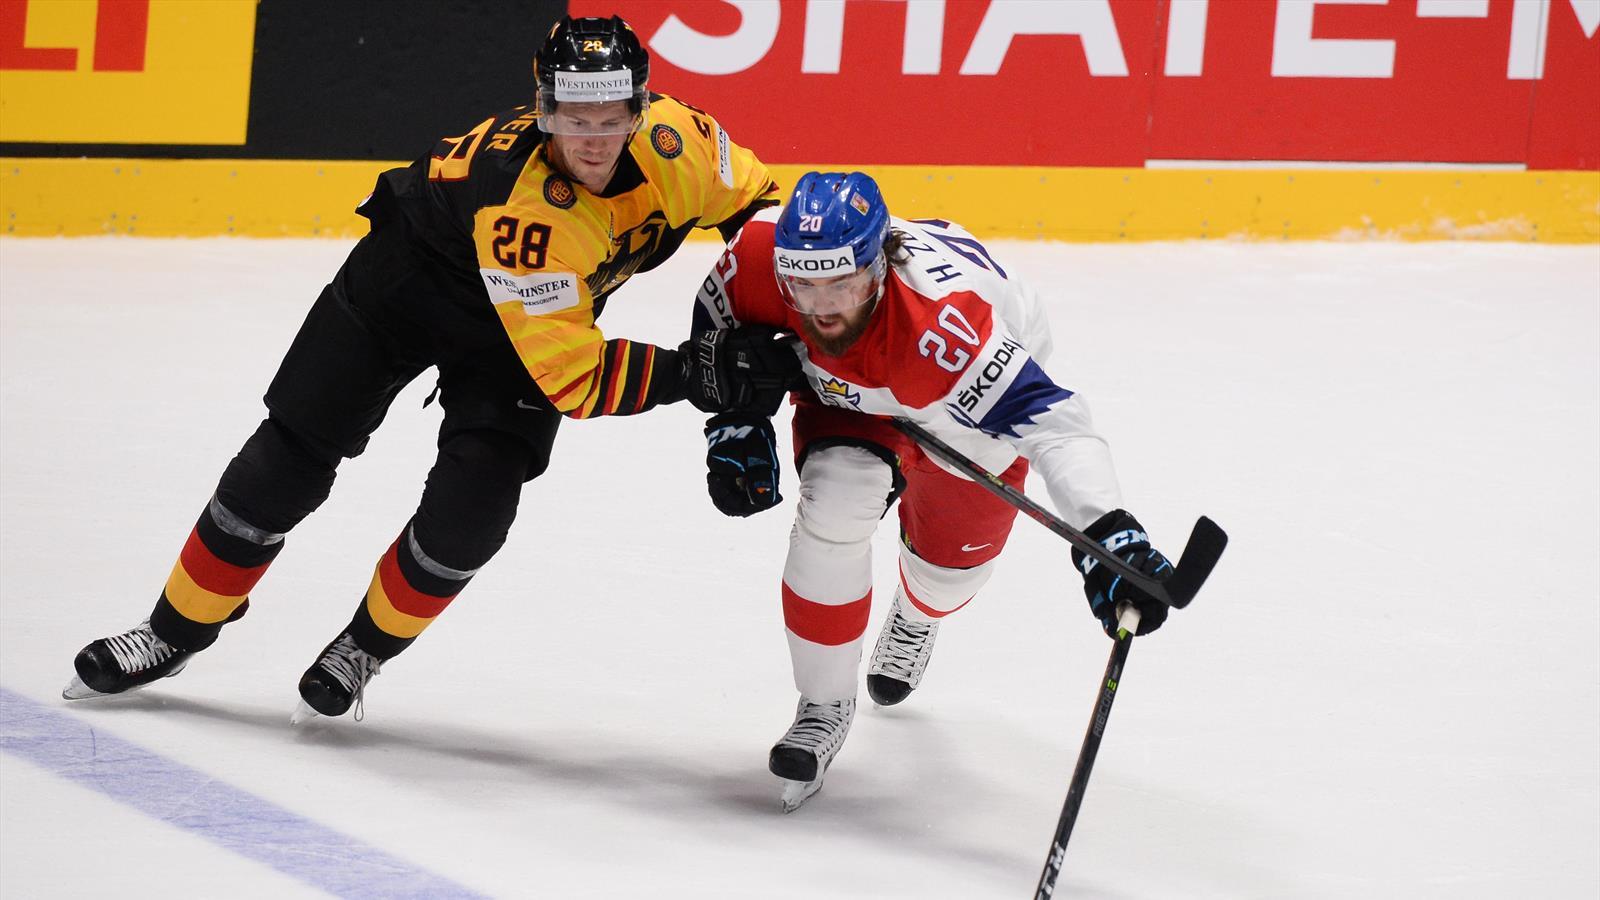 Ergebnisse Eishockey Wm 2021